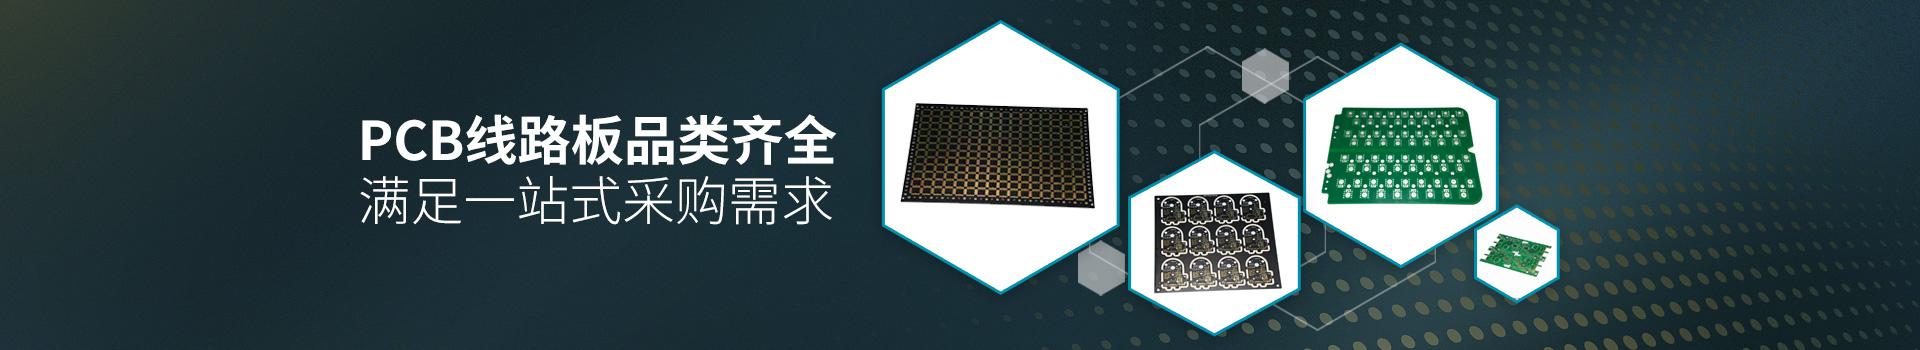 同创鑫-PCB线路板品类齐全